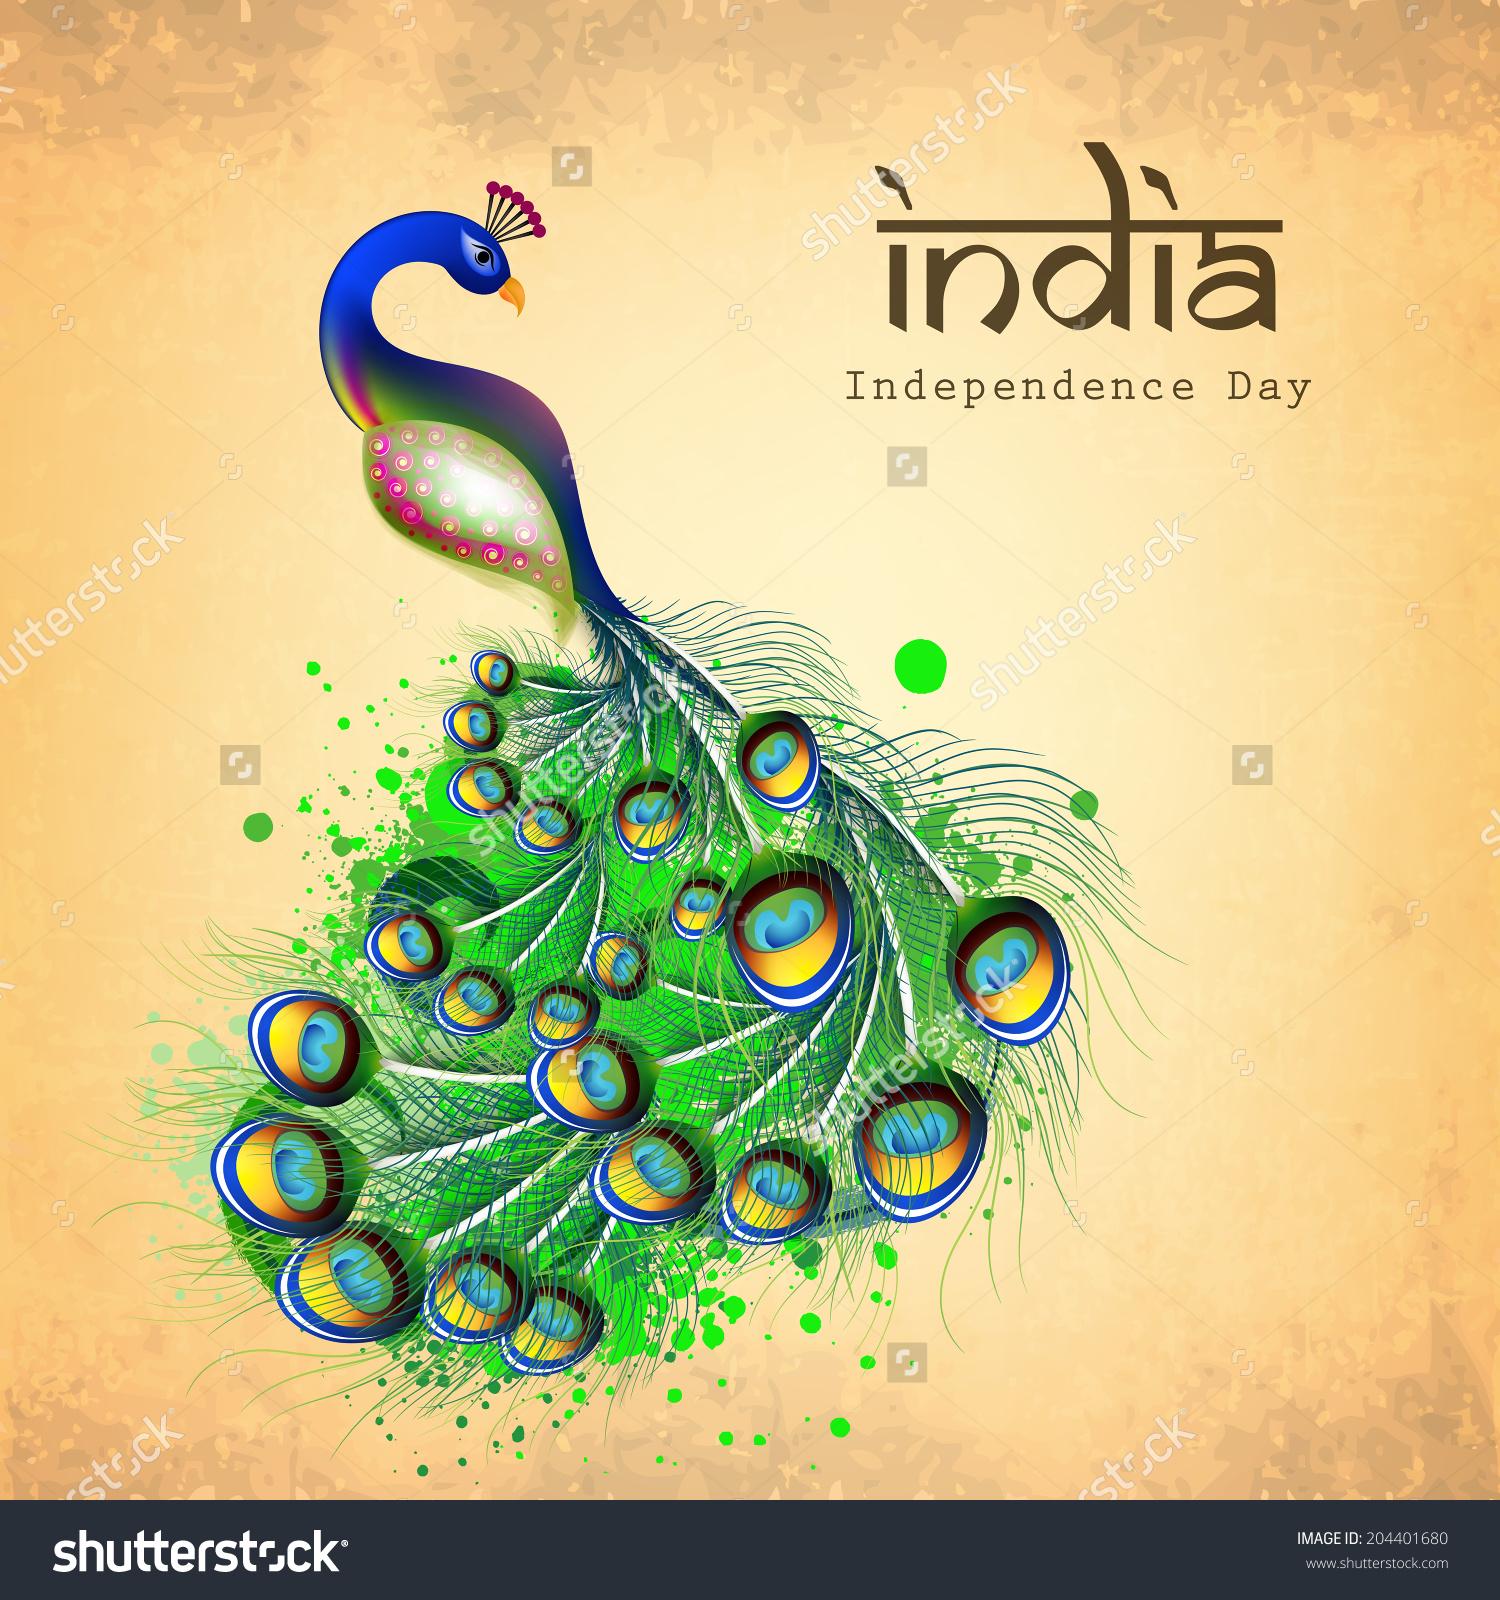 Indian National Bird Beautiful Peacock On Stock Vector 204401680.